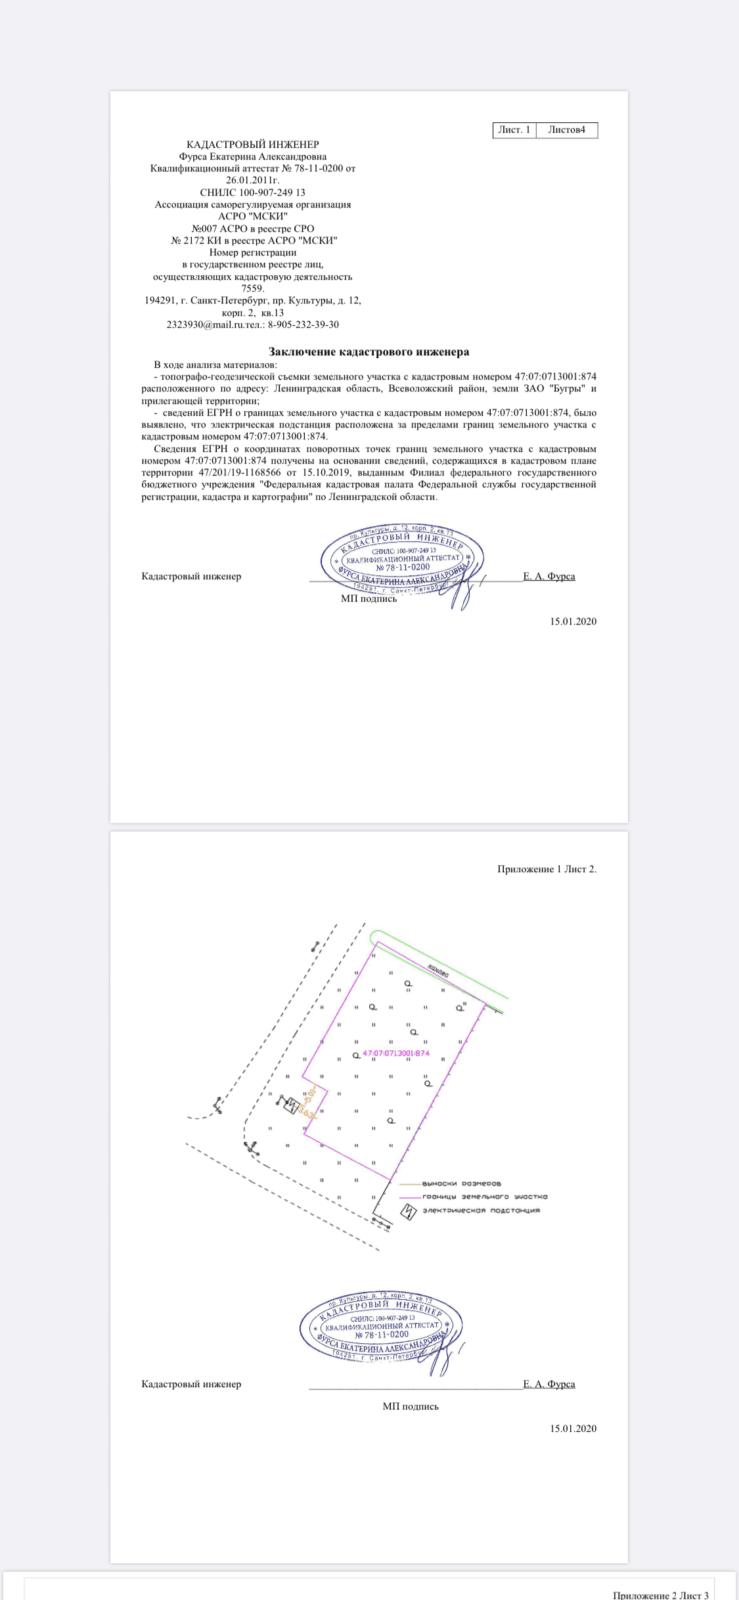 Заключение кадастрового инженера для суда